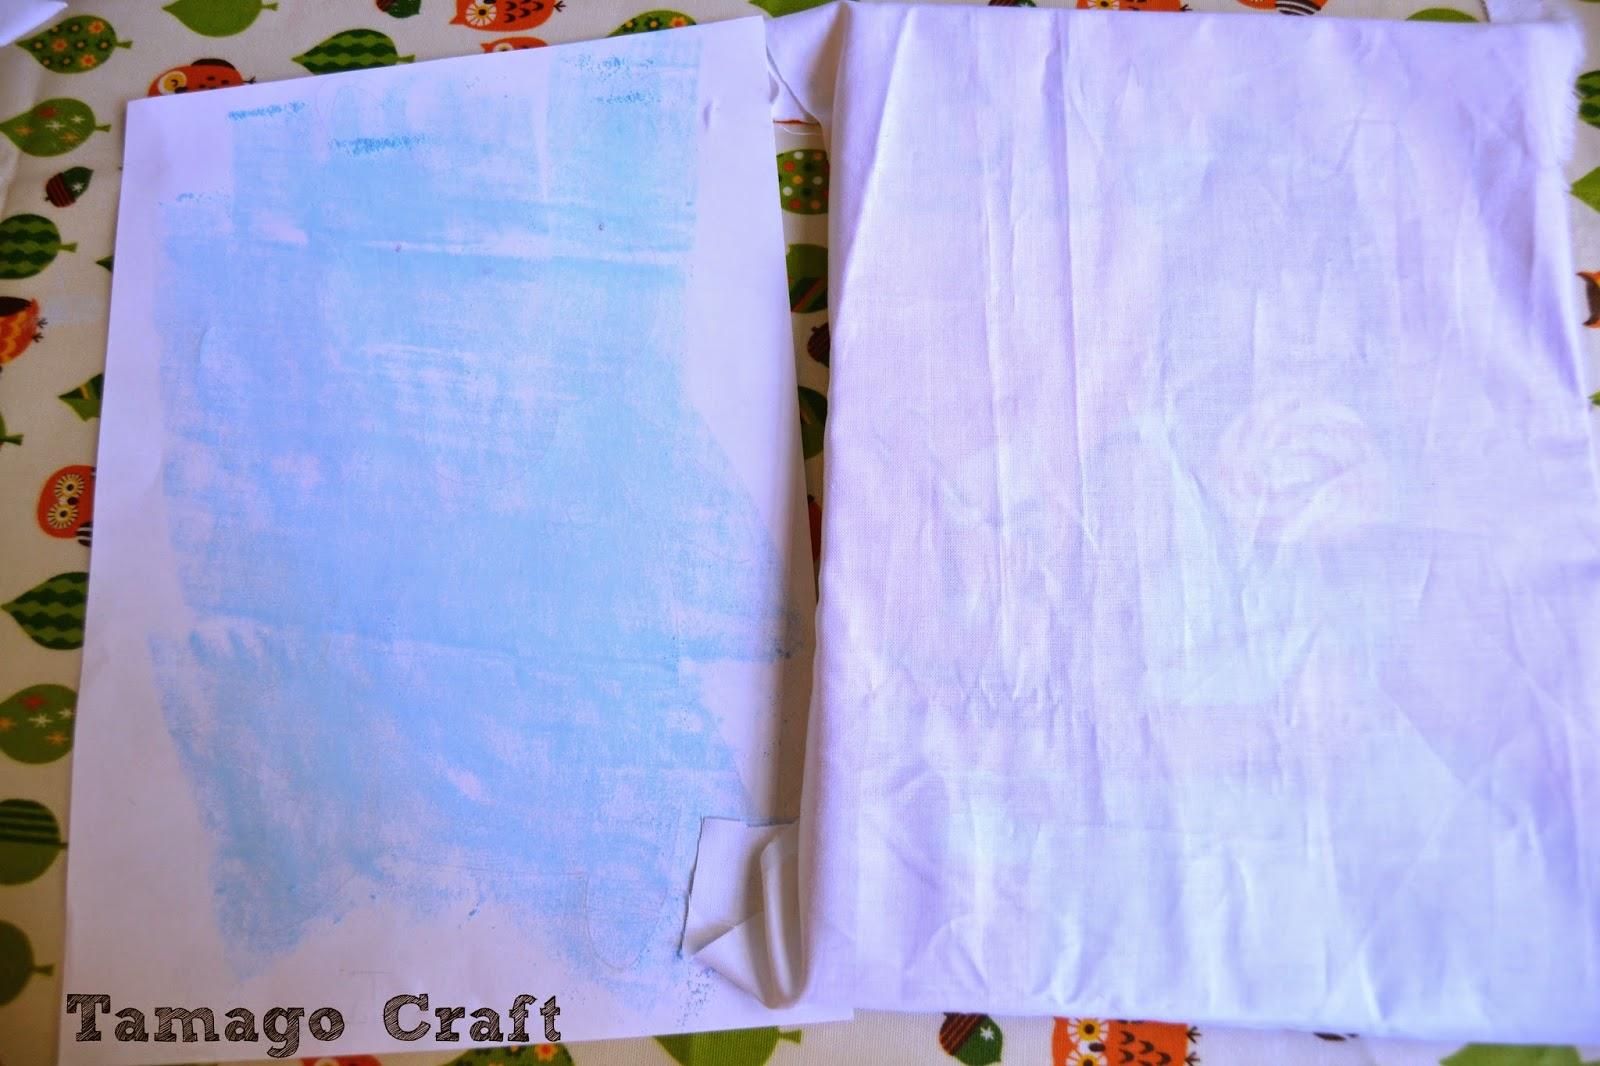 Tamago craft tutorial vagamente pasquale - Foglio colore coniglietto pasquale ...